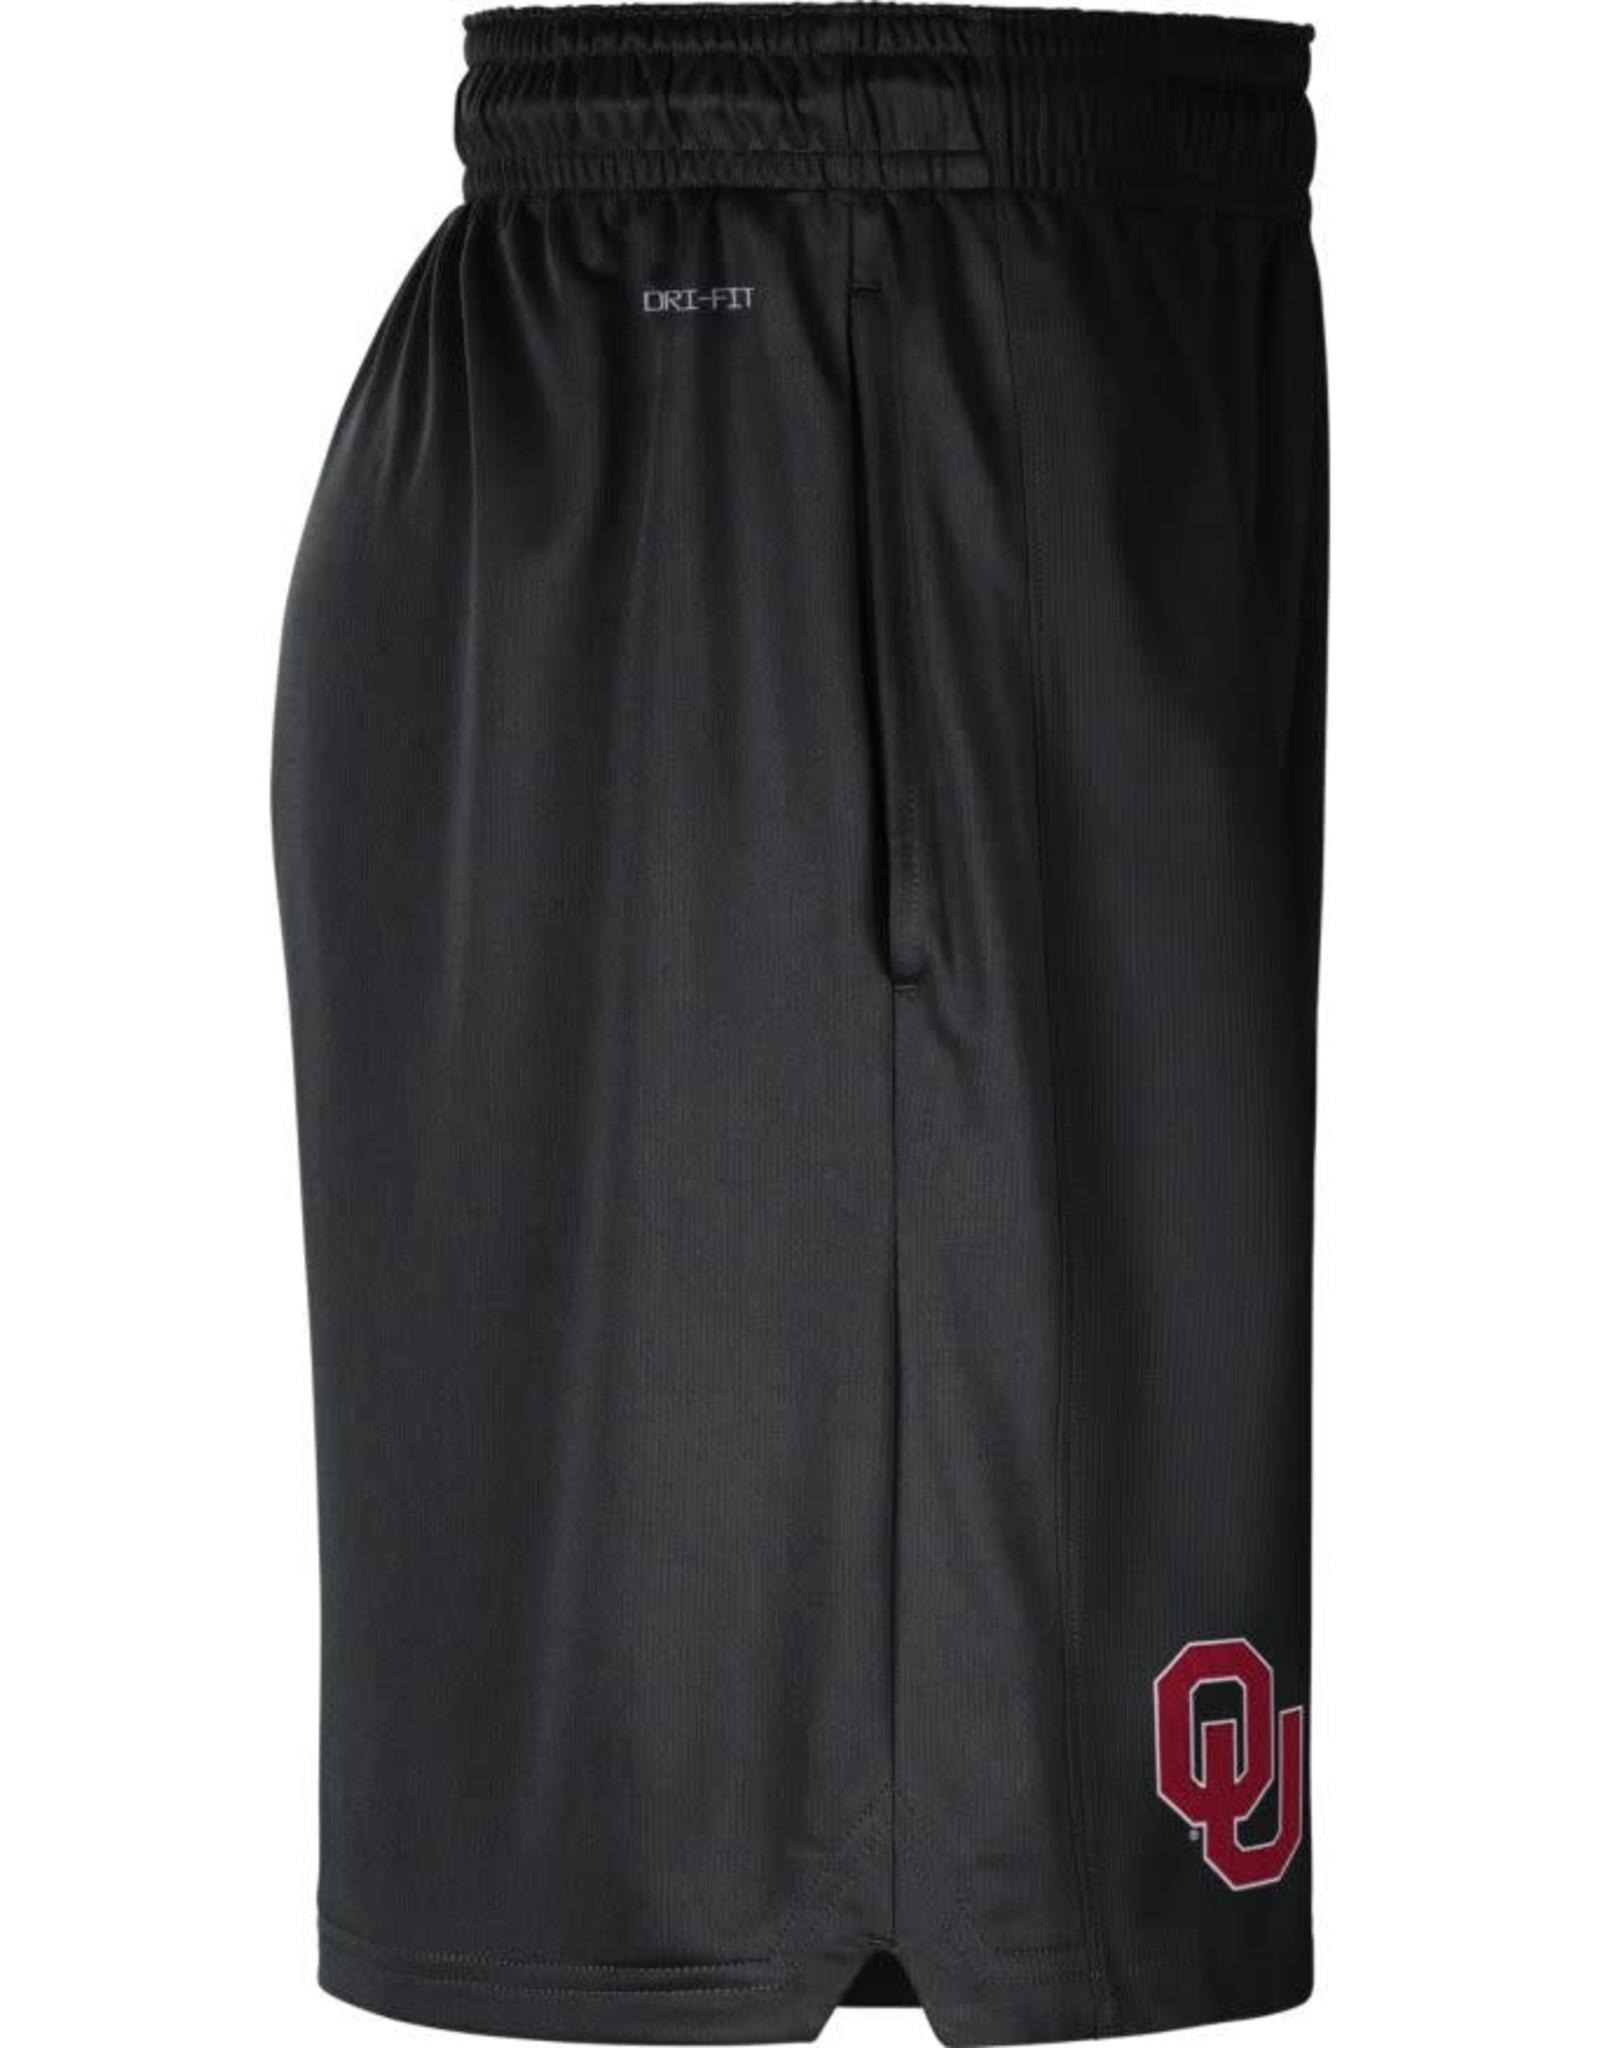 Jordan Men's Jordan Black OU Knit Short